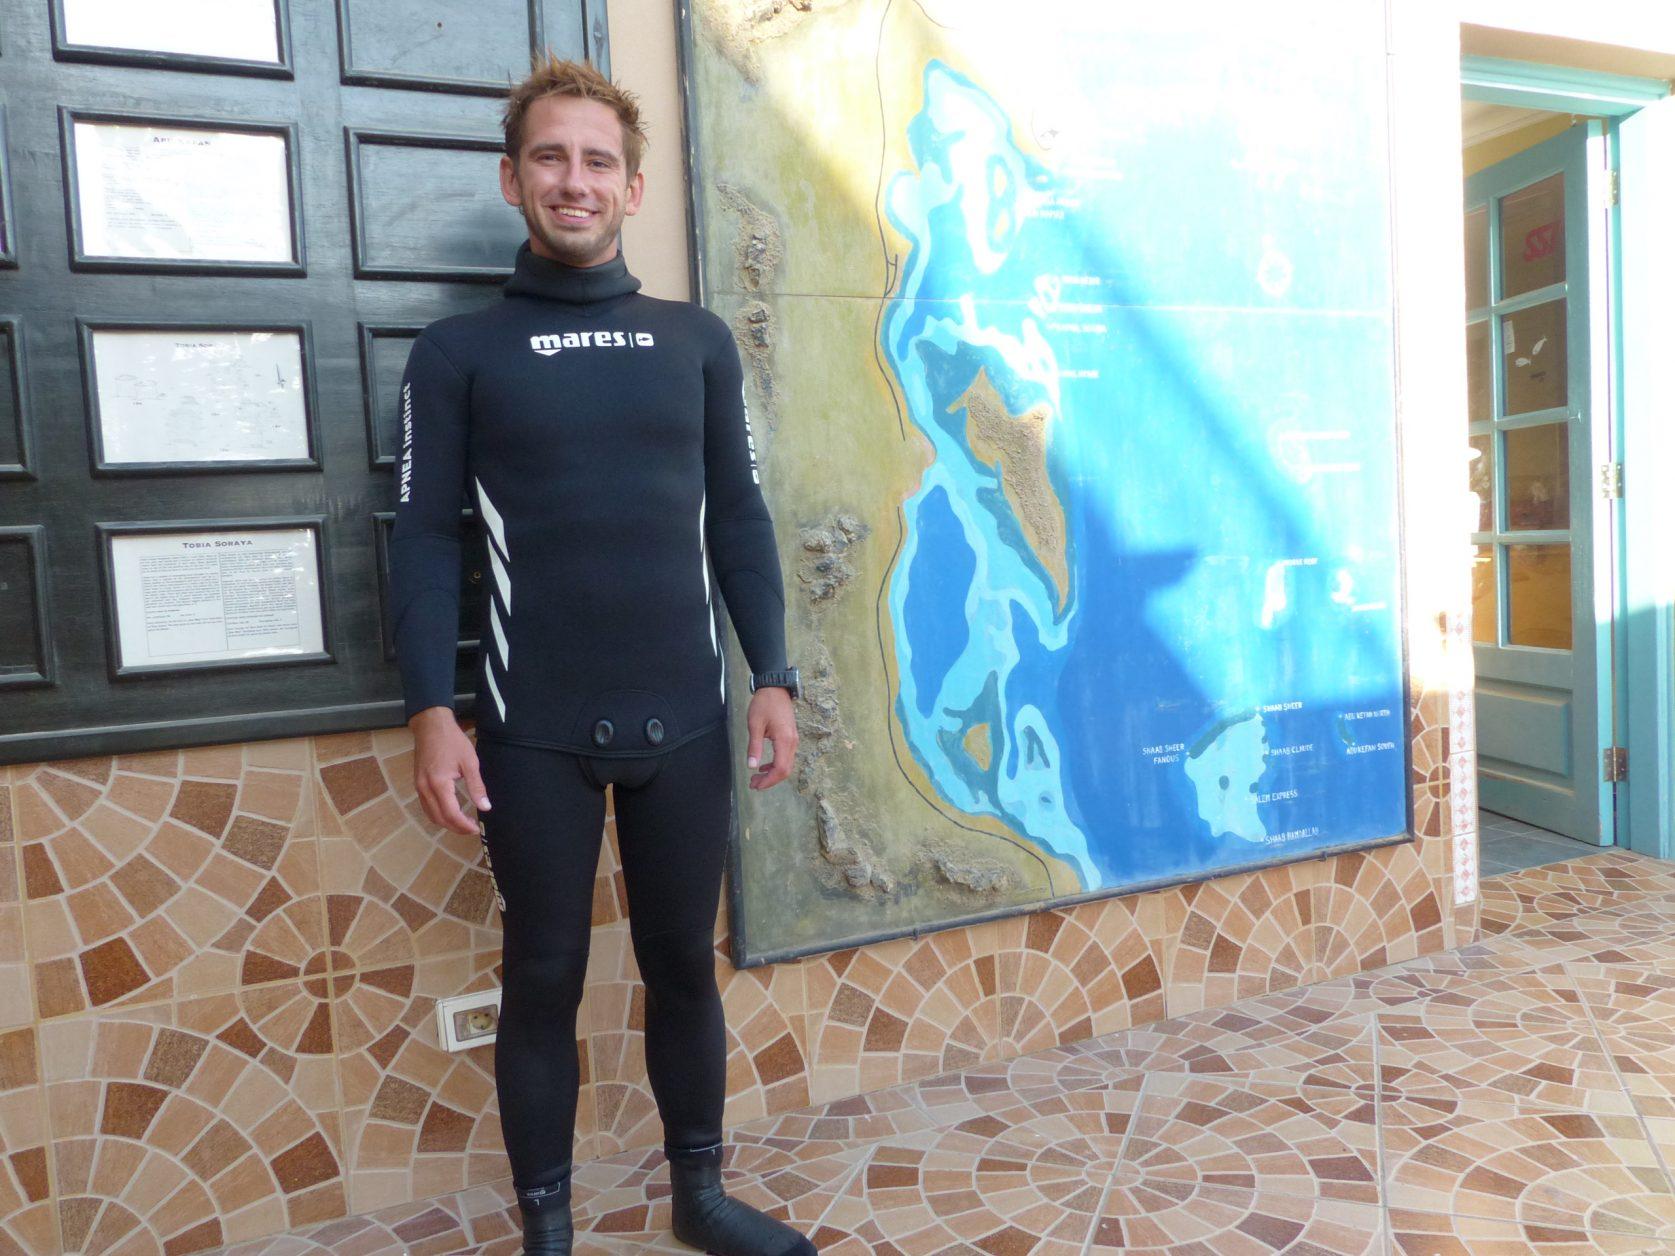 Tauchlehrer Nico gab uns Tipps für den Schnorchelausflug im Roten Meerr. Foto: D.Weirauch